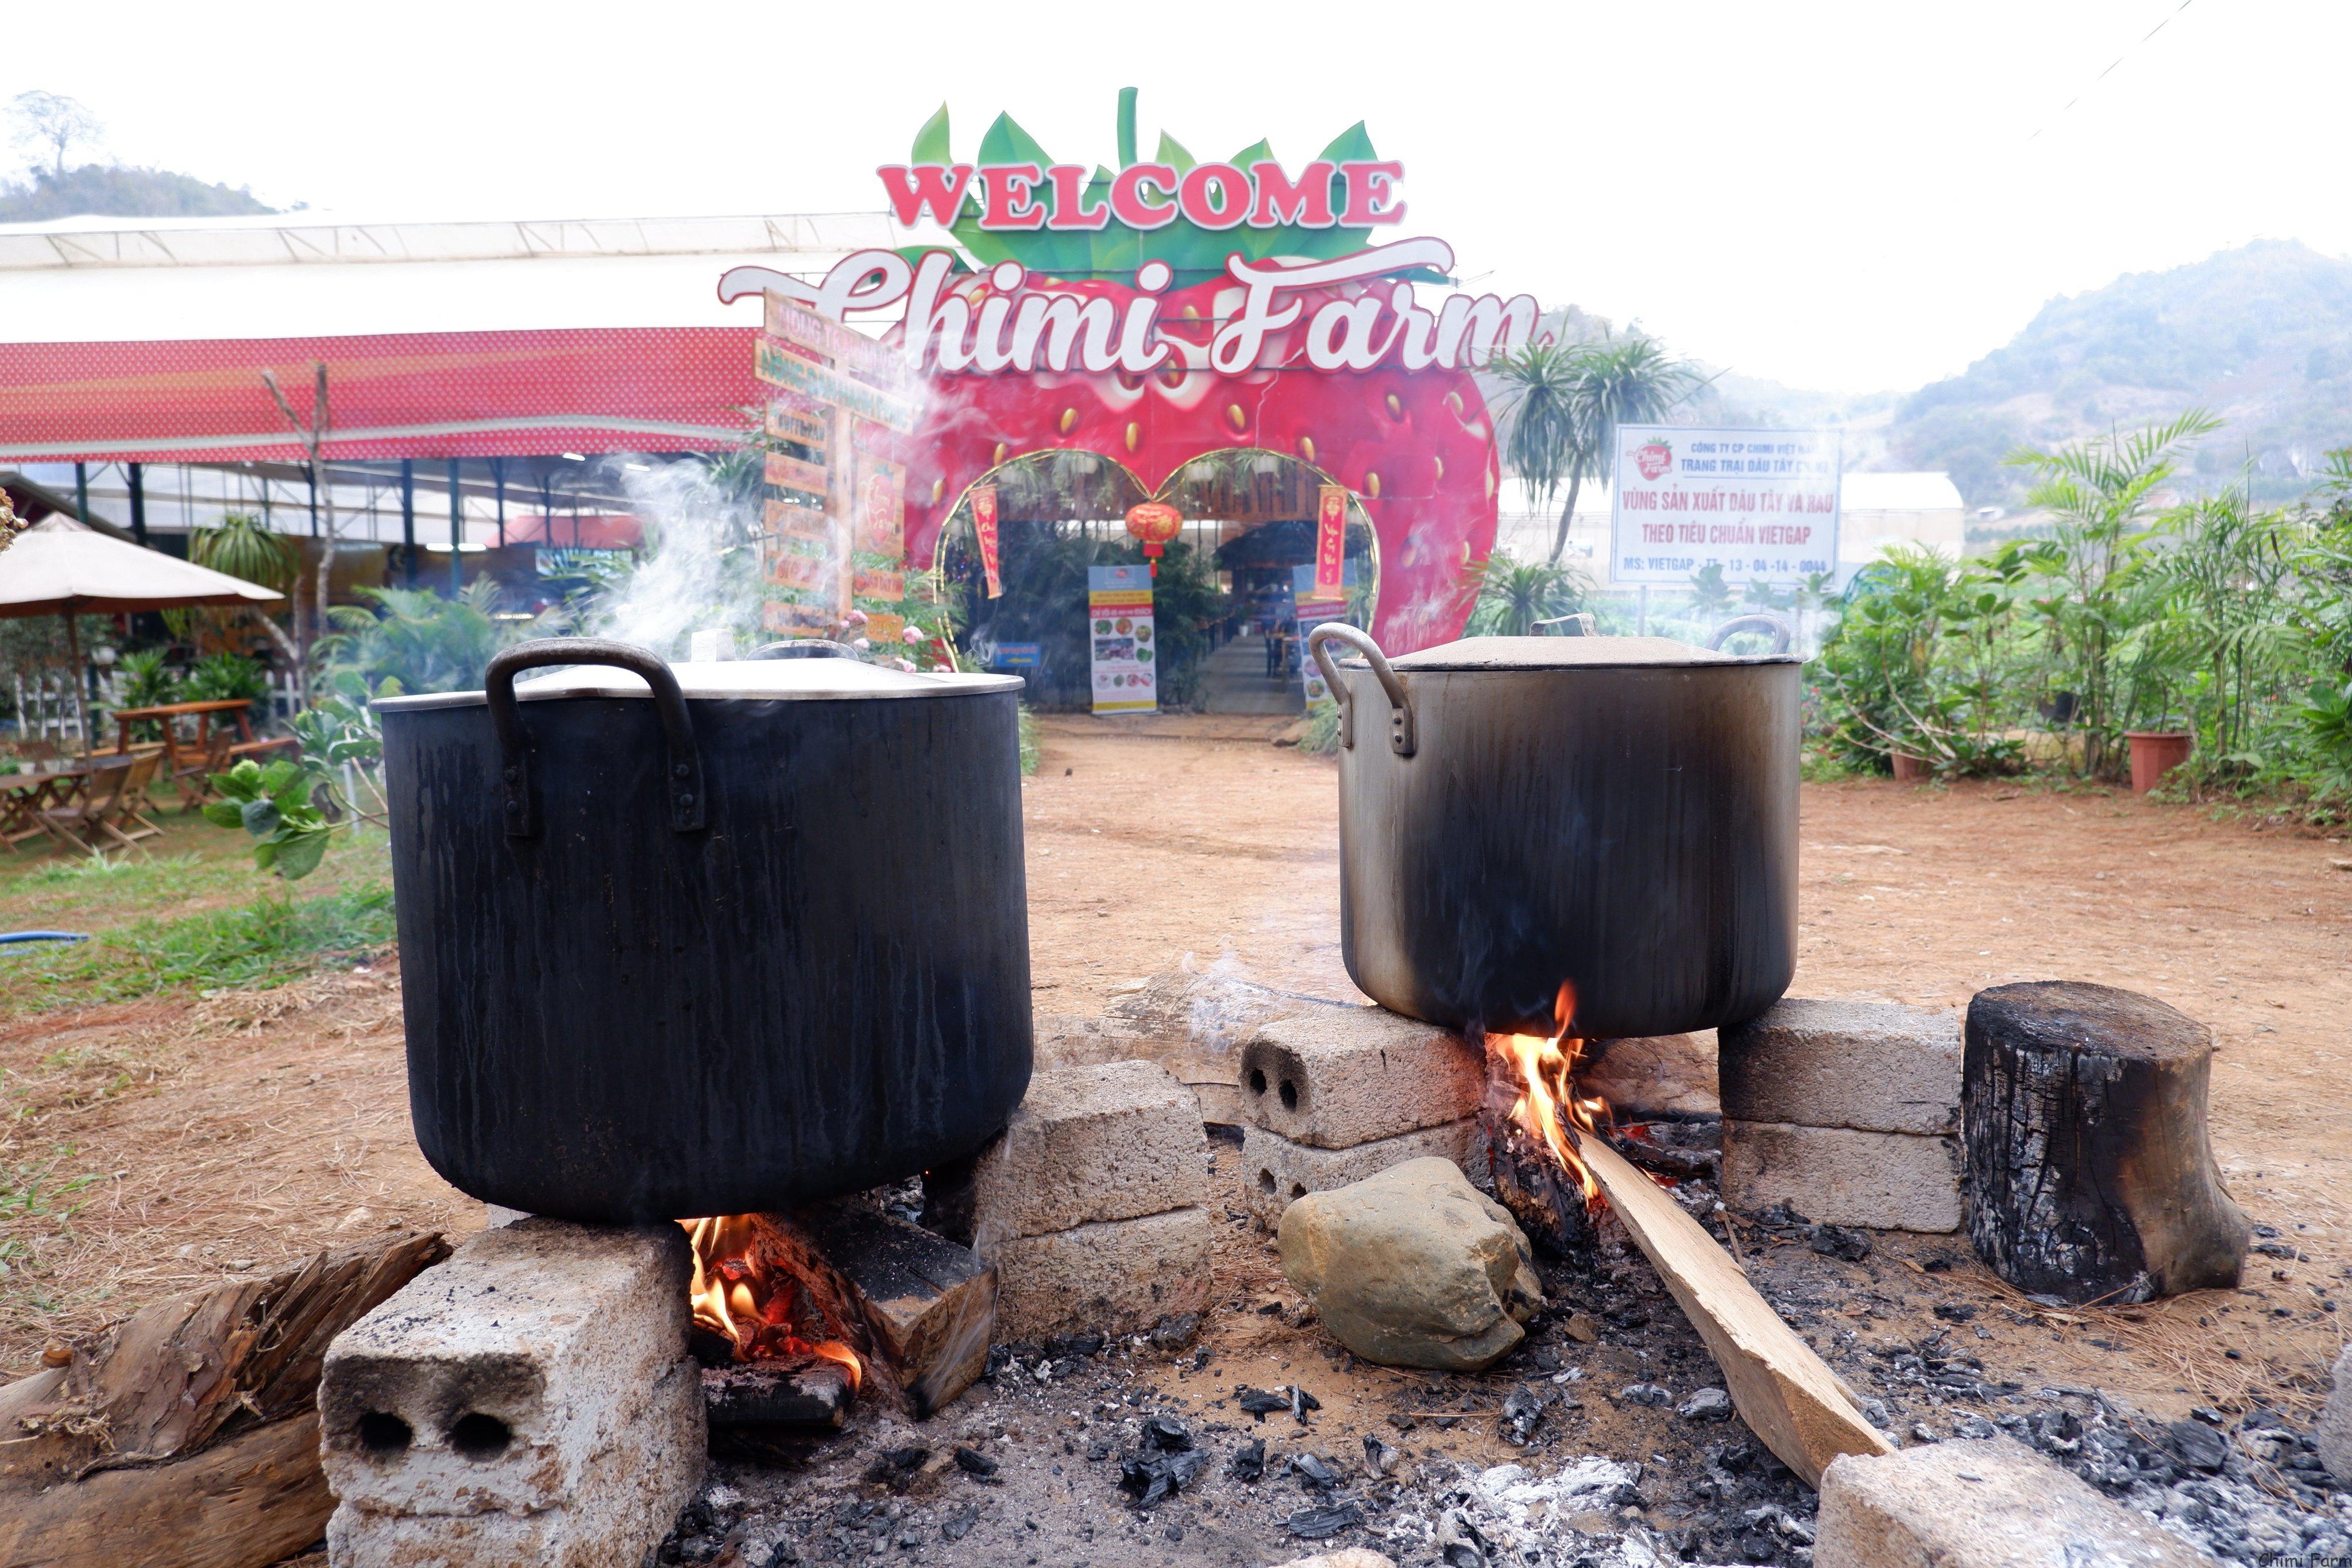 Trông nồi bánh chưng trước cổng trang trại dâu tây Chimi